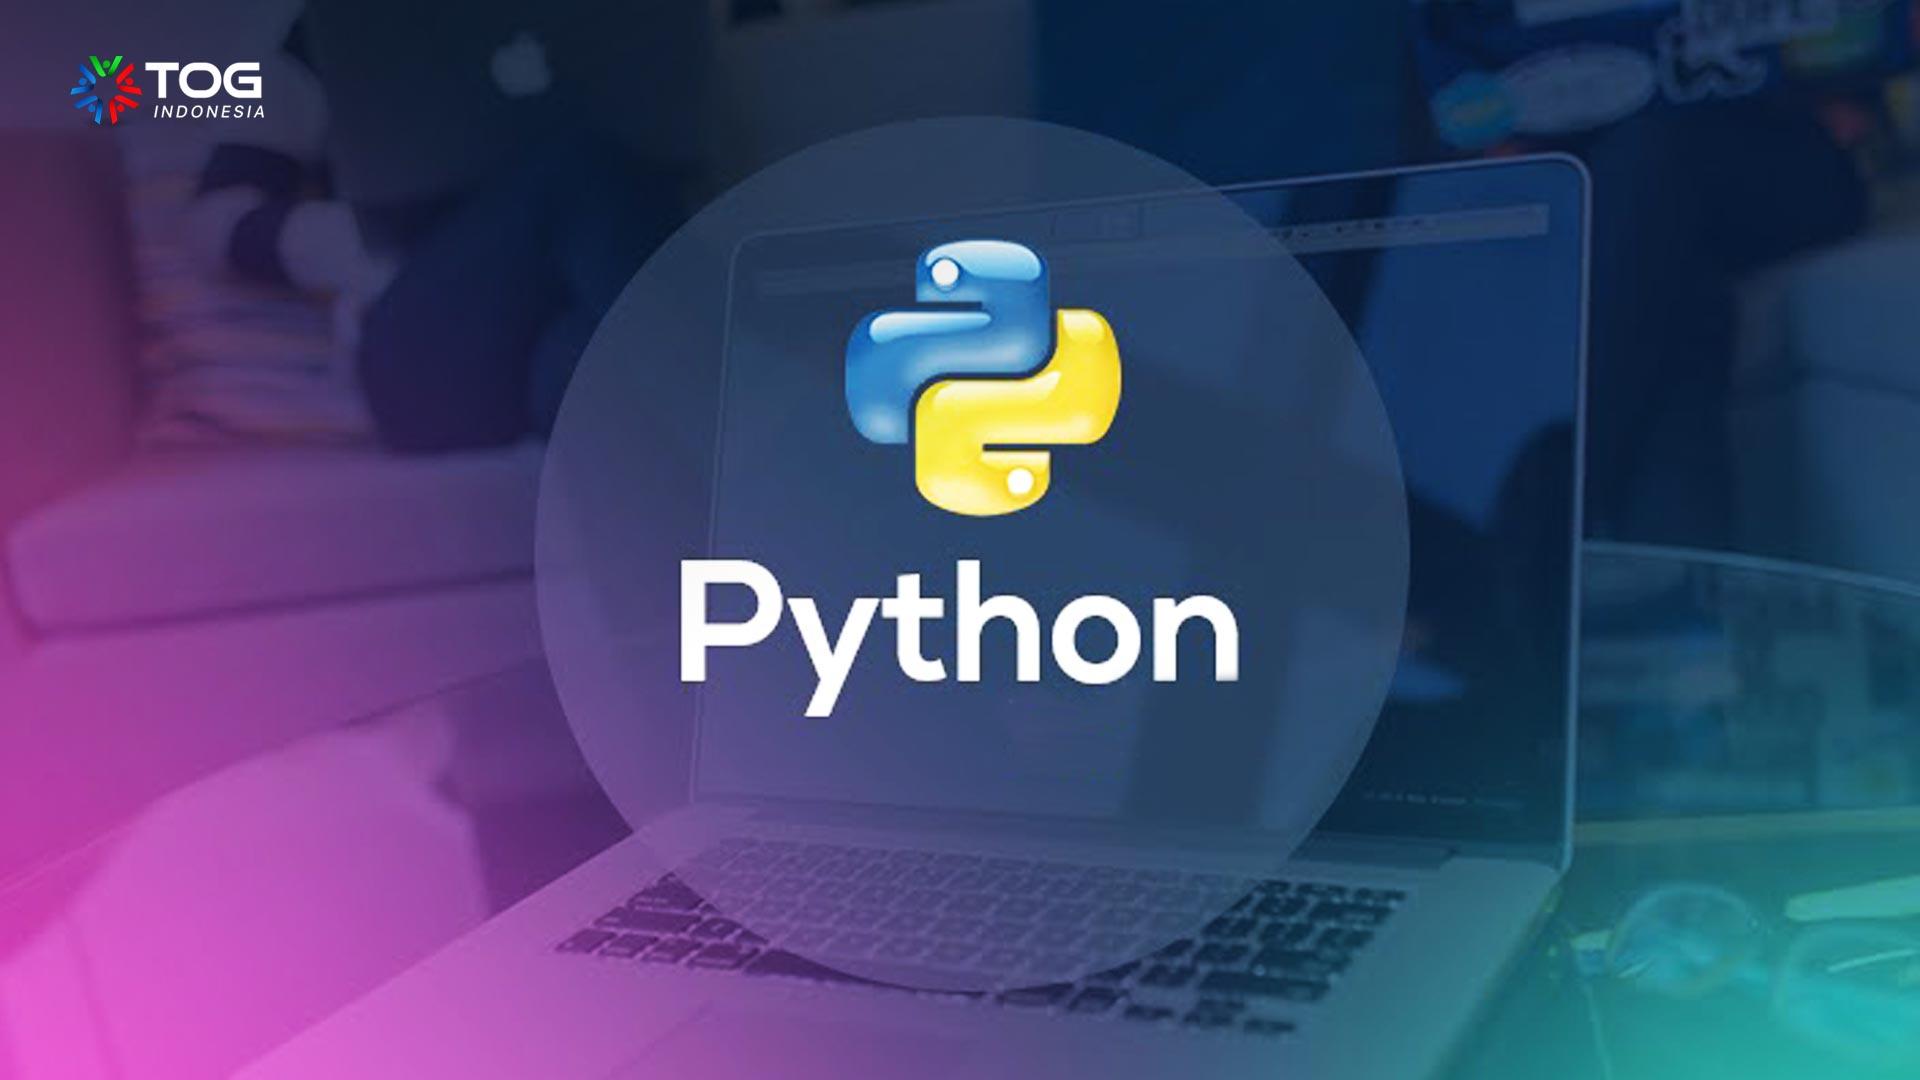 Keuntungan Belajar Bahasa Pemrograman Python dan Peluang Karirnya